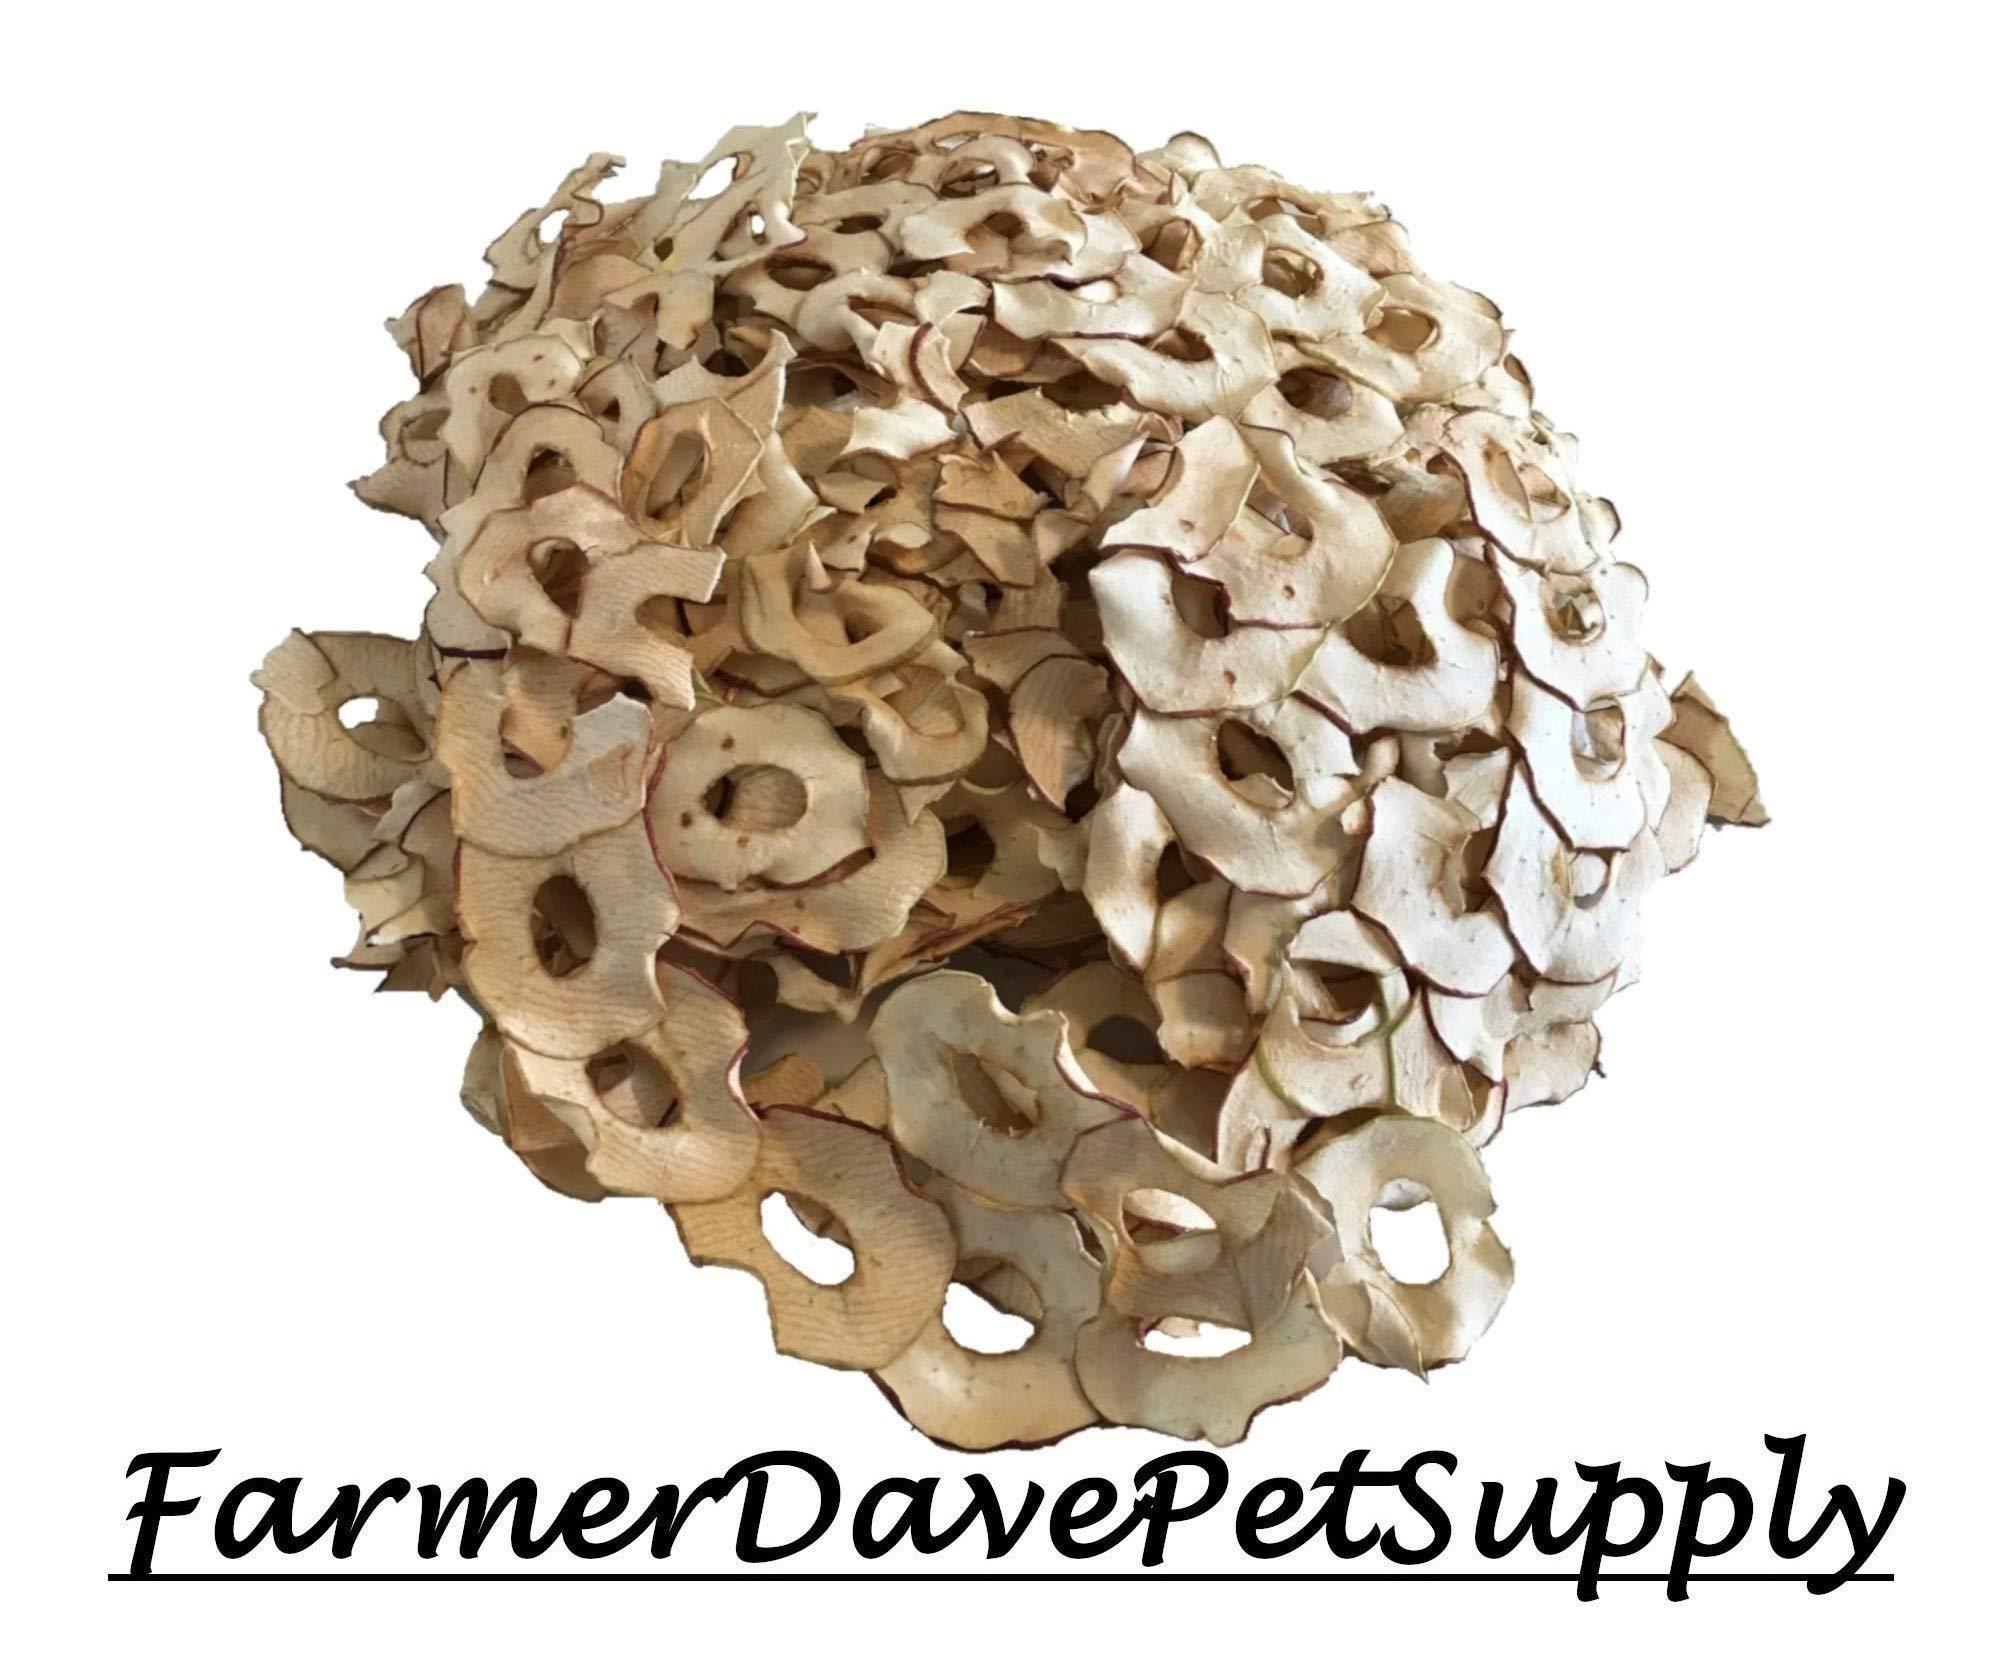 FarmerDavePetSupply Jumbo Size Apple Slice Treats for Pets by FarmerDavePetSupply (Image #1)